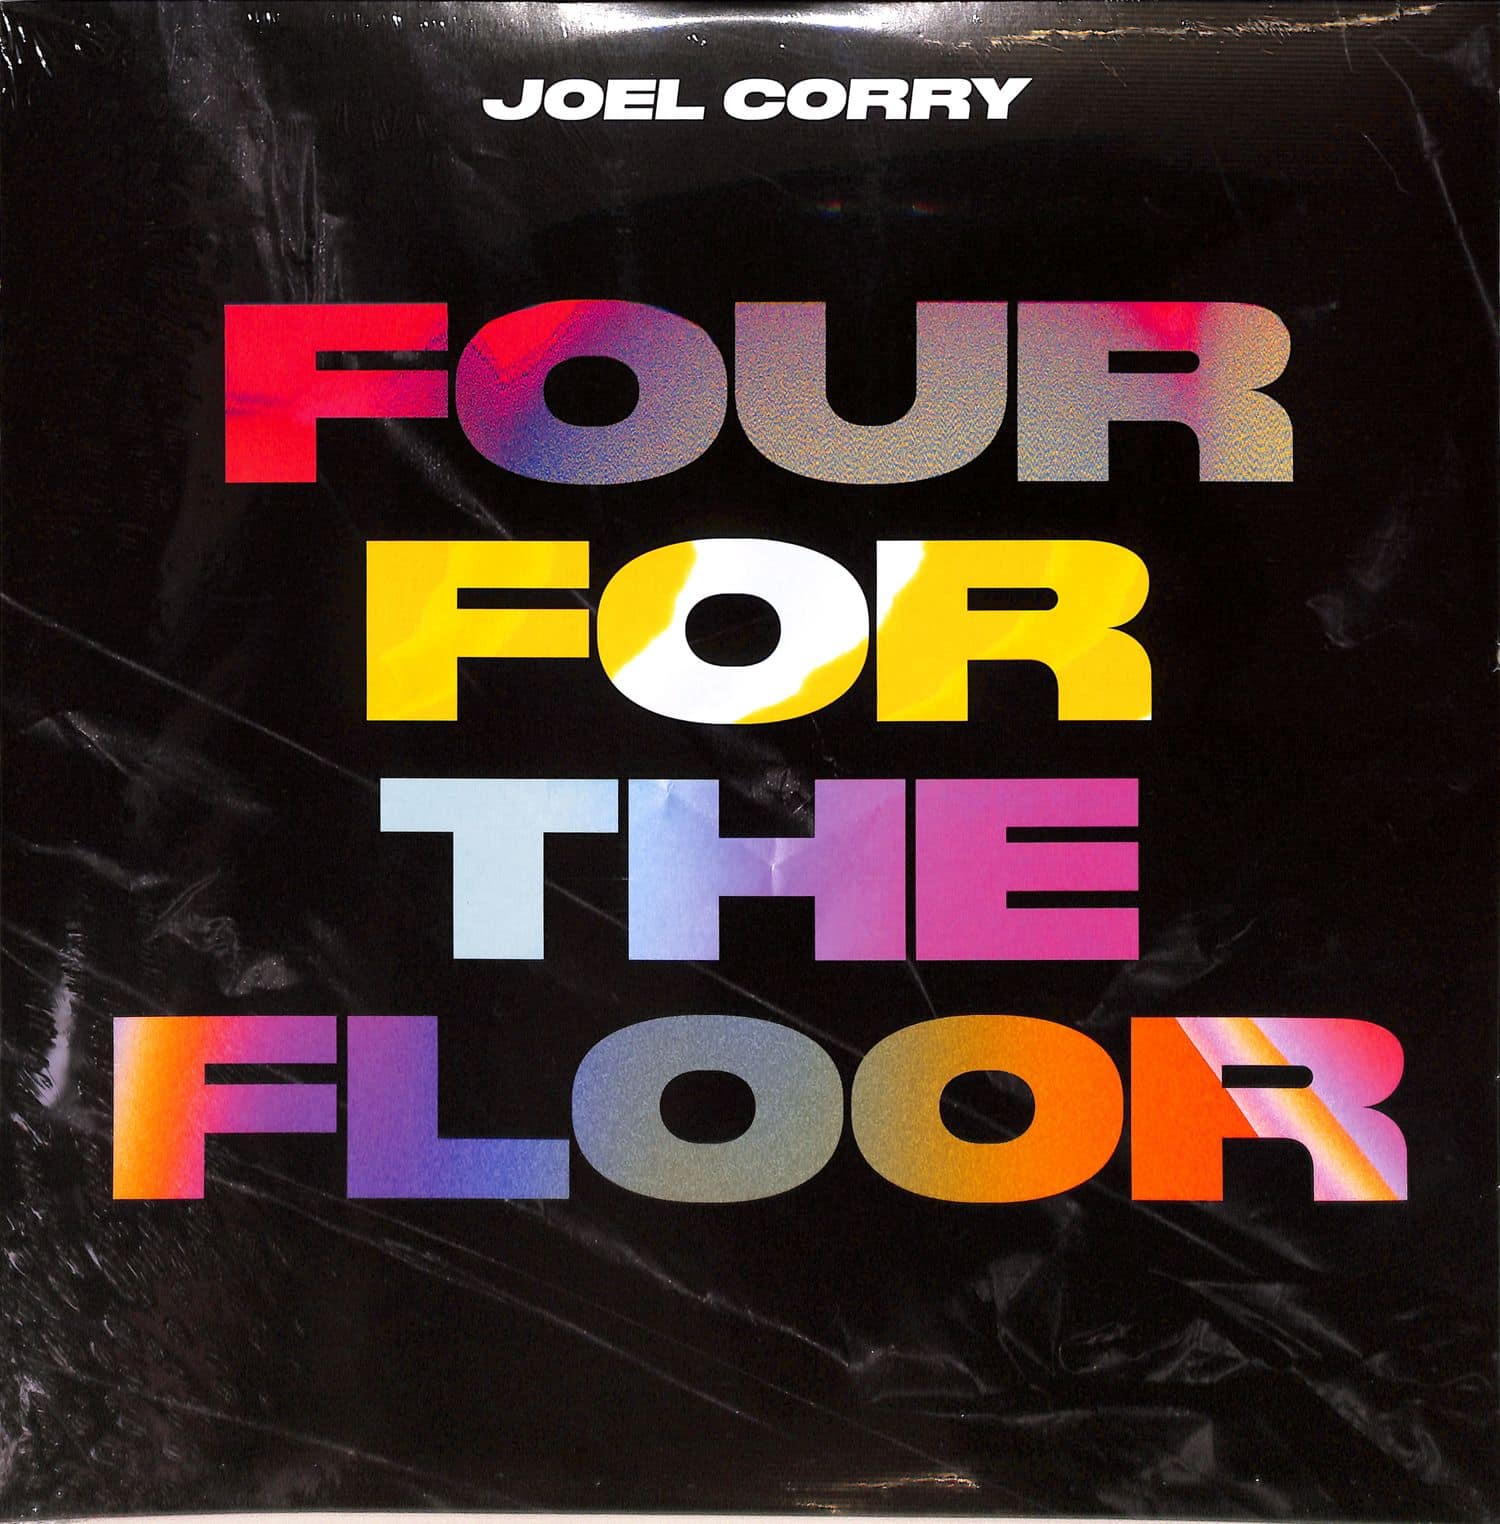 Joel Corry - HEAD & HEART - FOUR FOR THE FLOOR